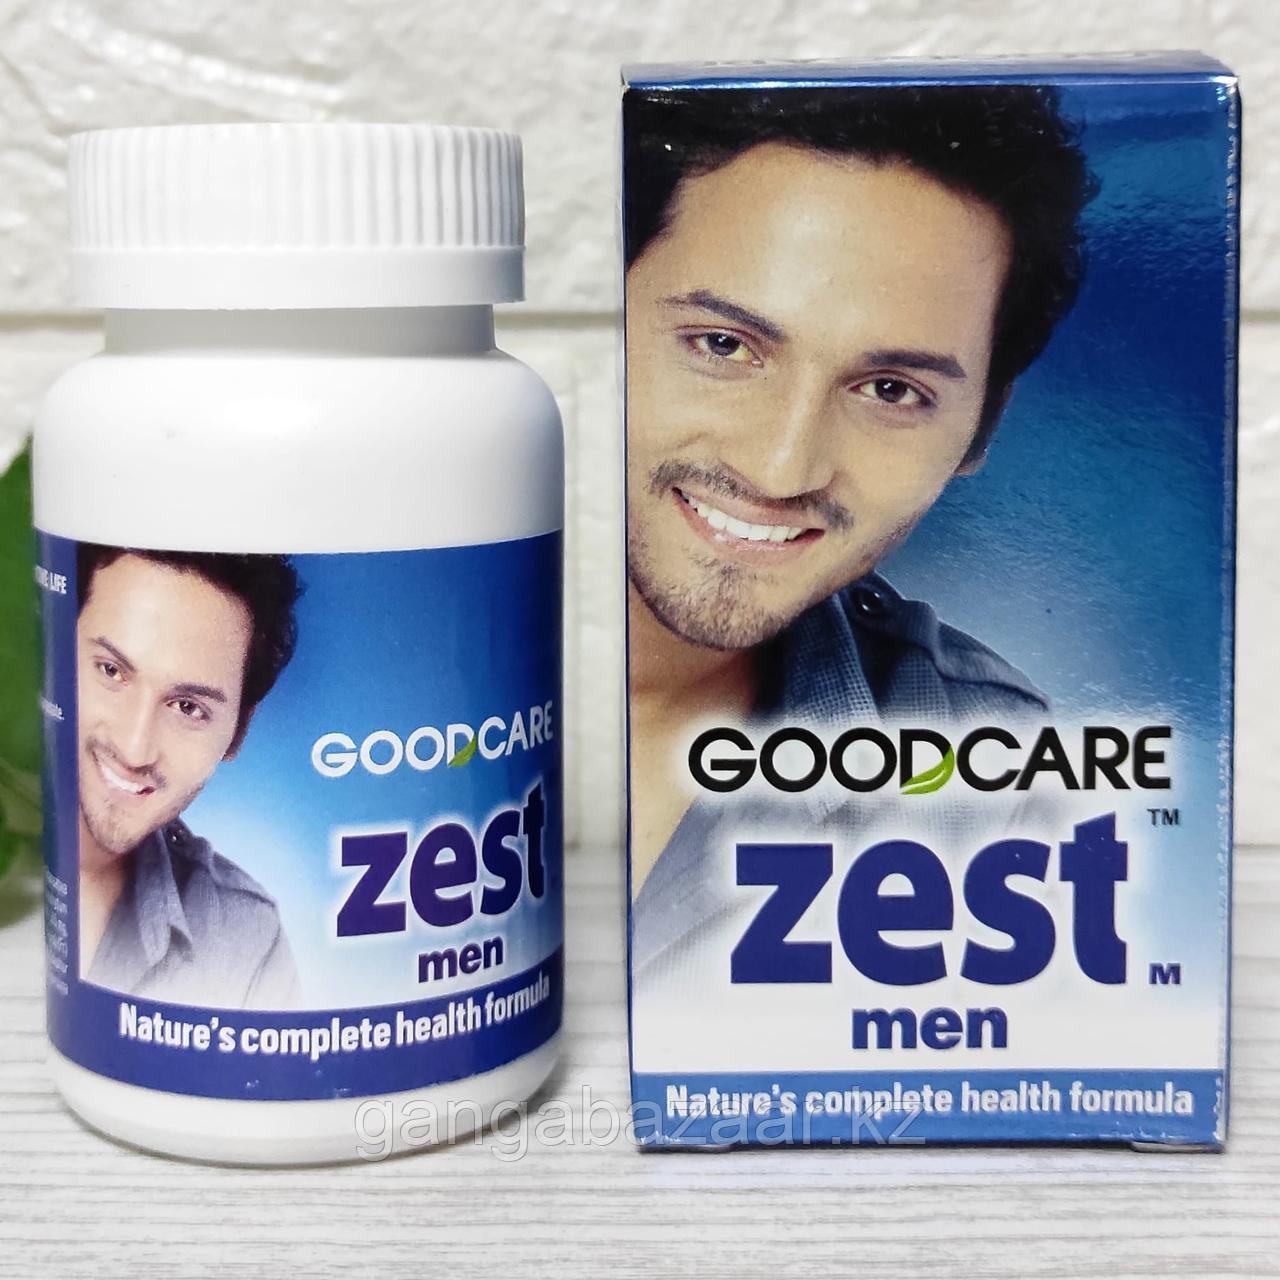 Зест Мэн - натуральные витамины для здоровья мужчин (ZEST Man GOODCARE), 60 кап